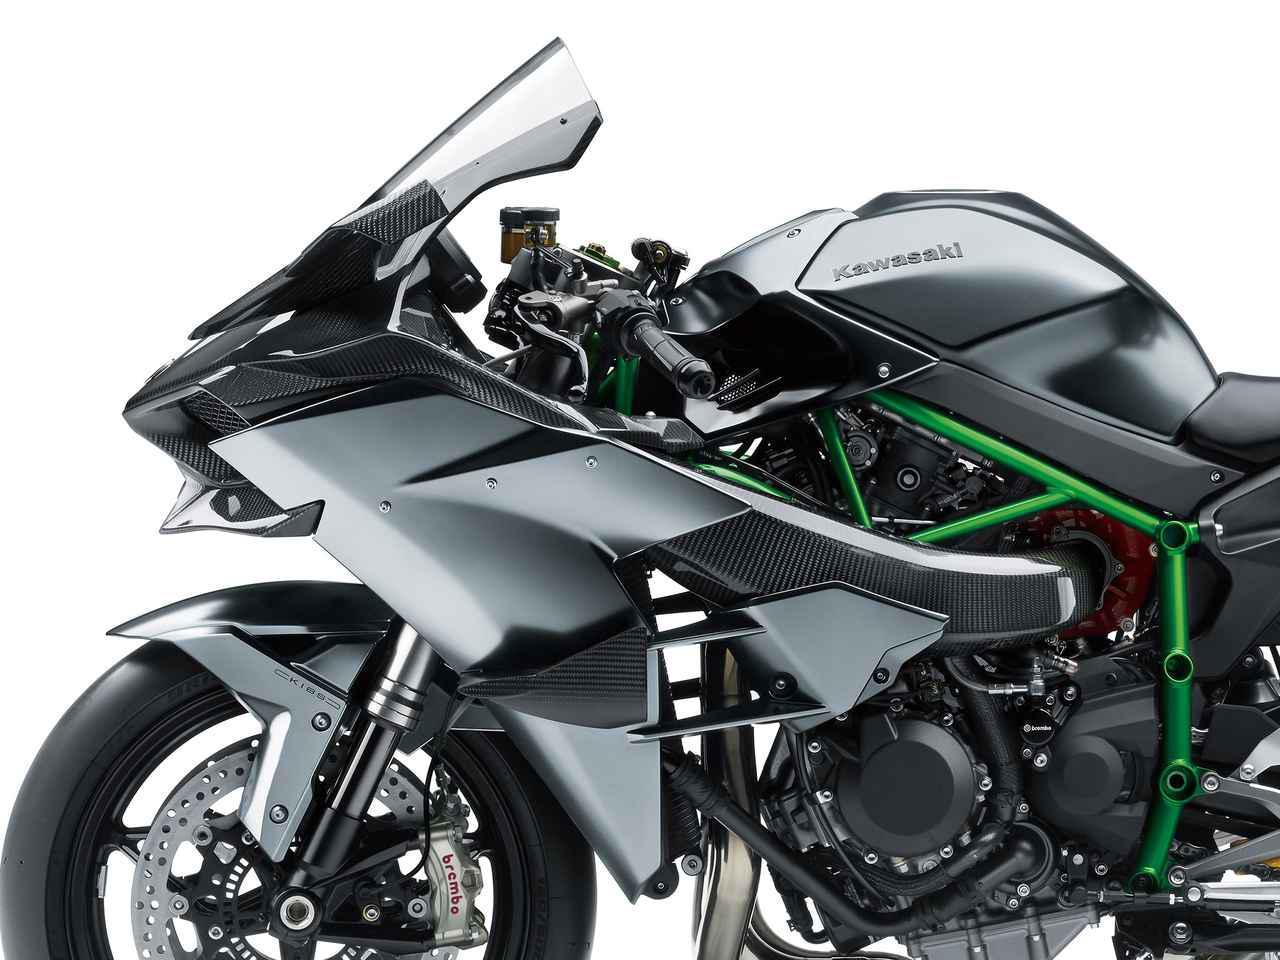 画像: 【受注生産】カワサキが「Ninja H2R」の2021年モデルを発表! 予約期間は2020年9月10日~10月21日 - webオートバイ